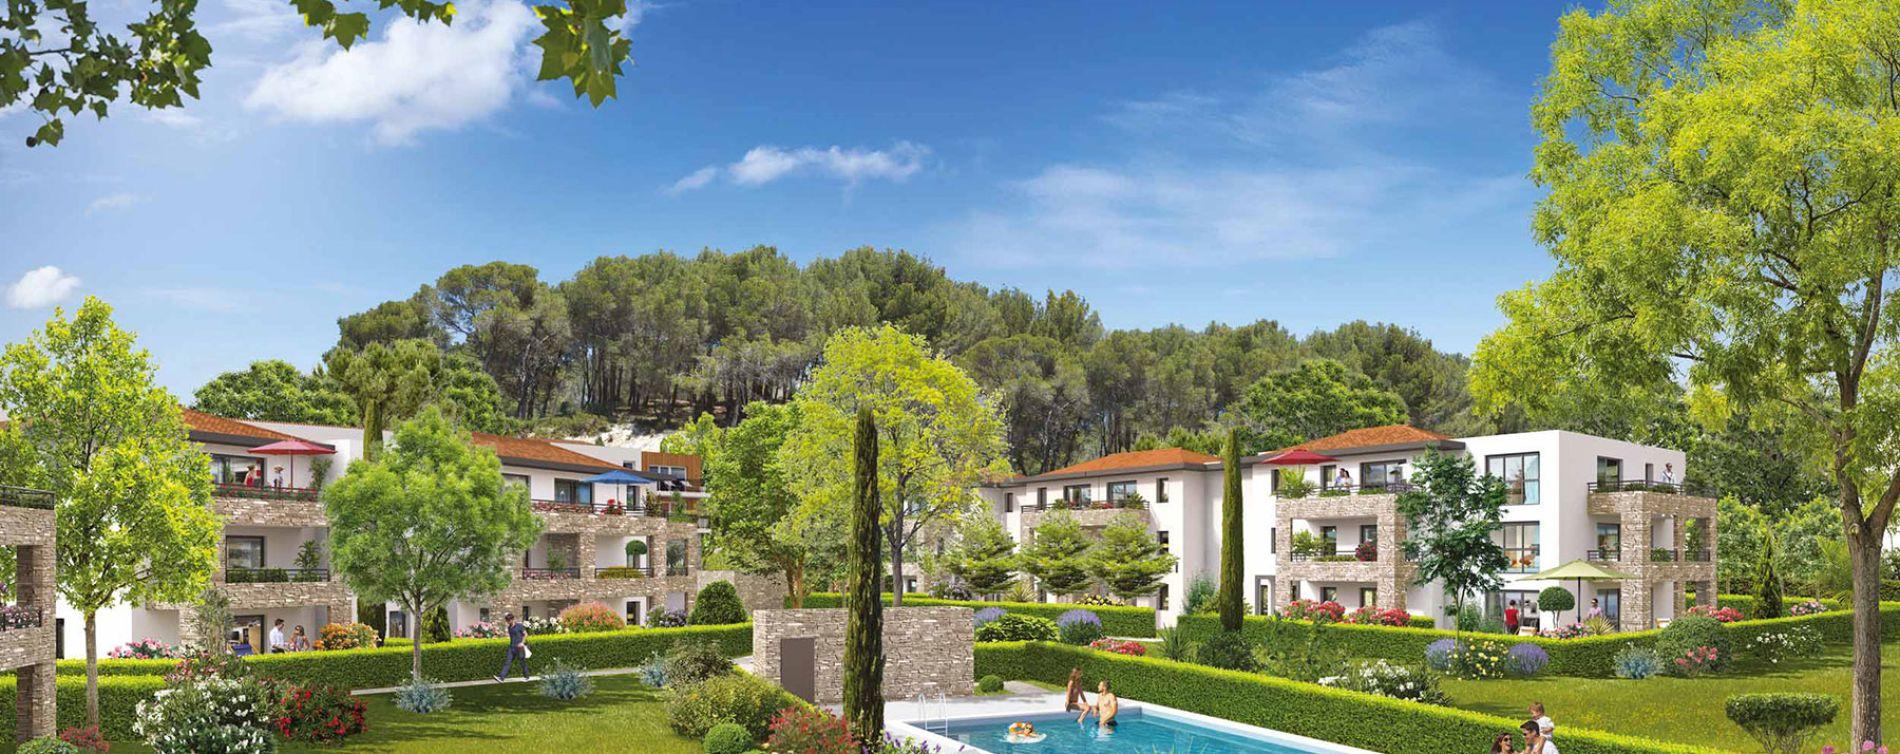 Résidence Domaine Castel Verde à Ventabren